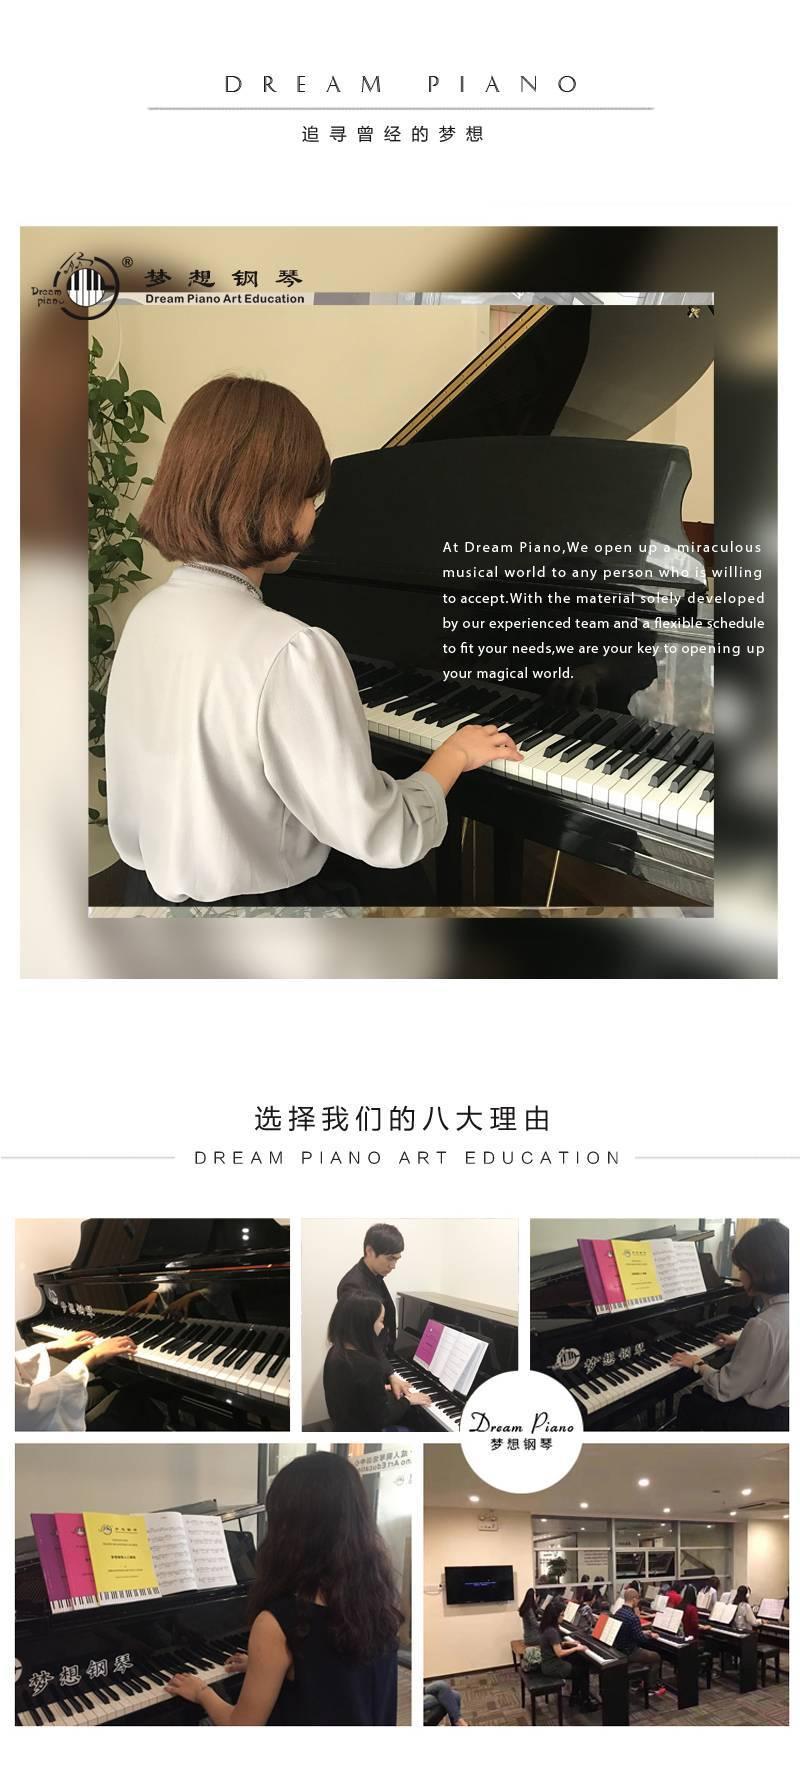 【广州5店通用】电子琴免费送,99元抢原价1699梦想钢琴练琴课,5节1对1授课+15节练习课+送一台61键电子琴